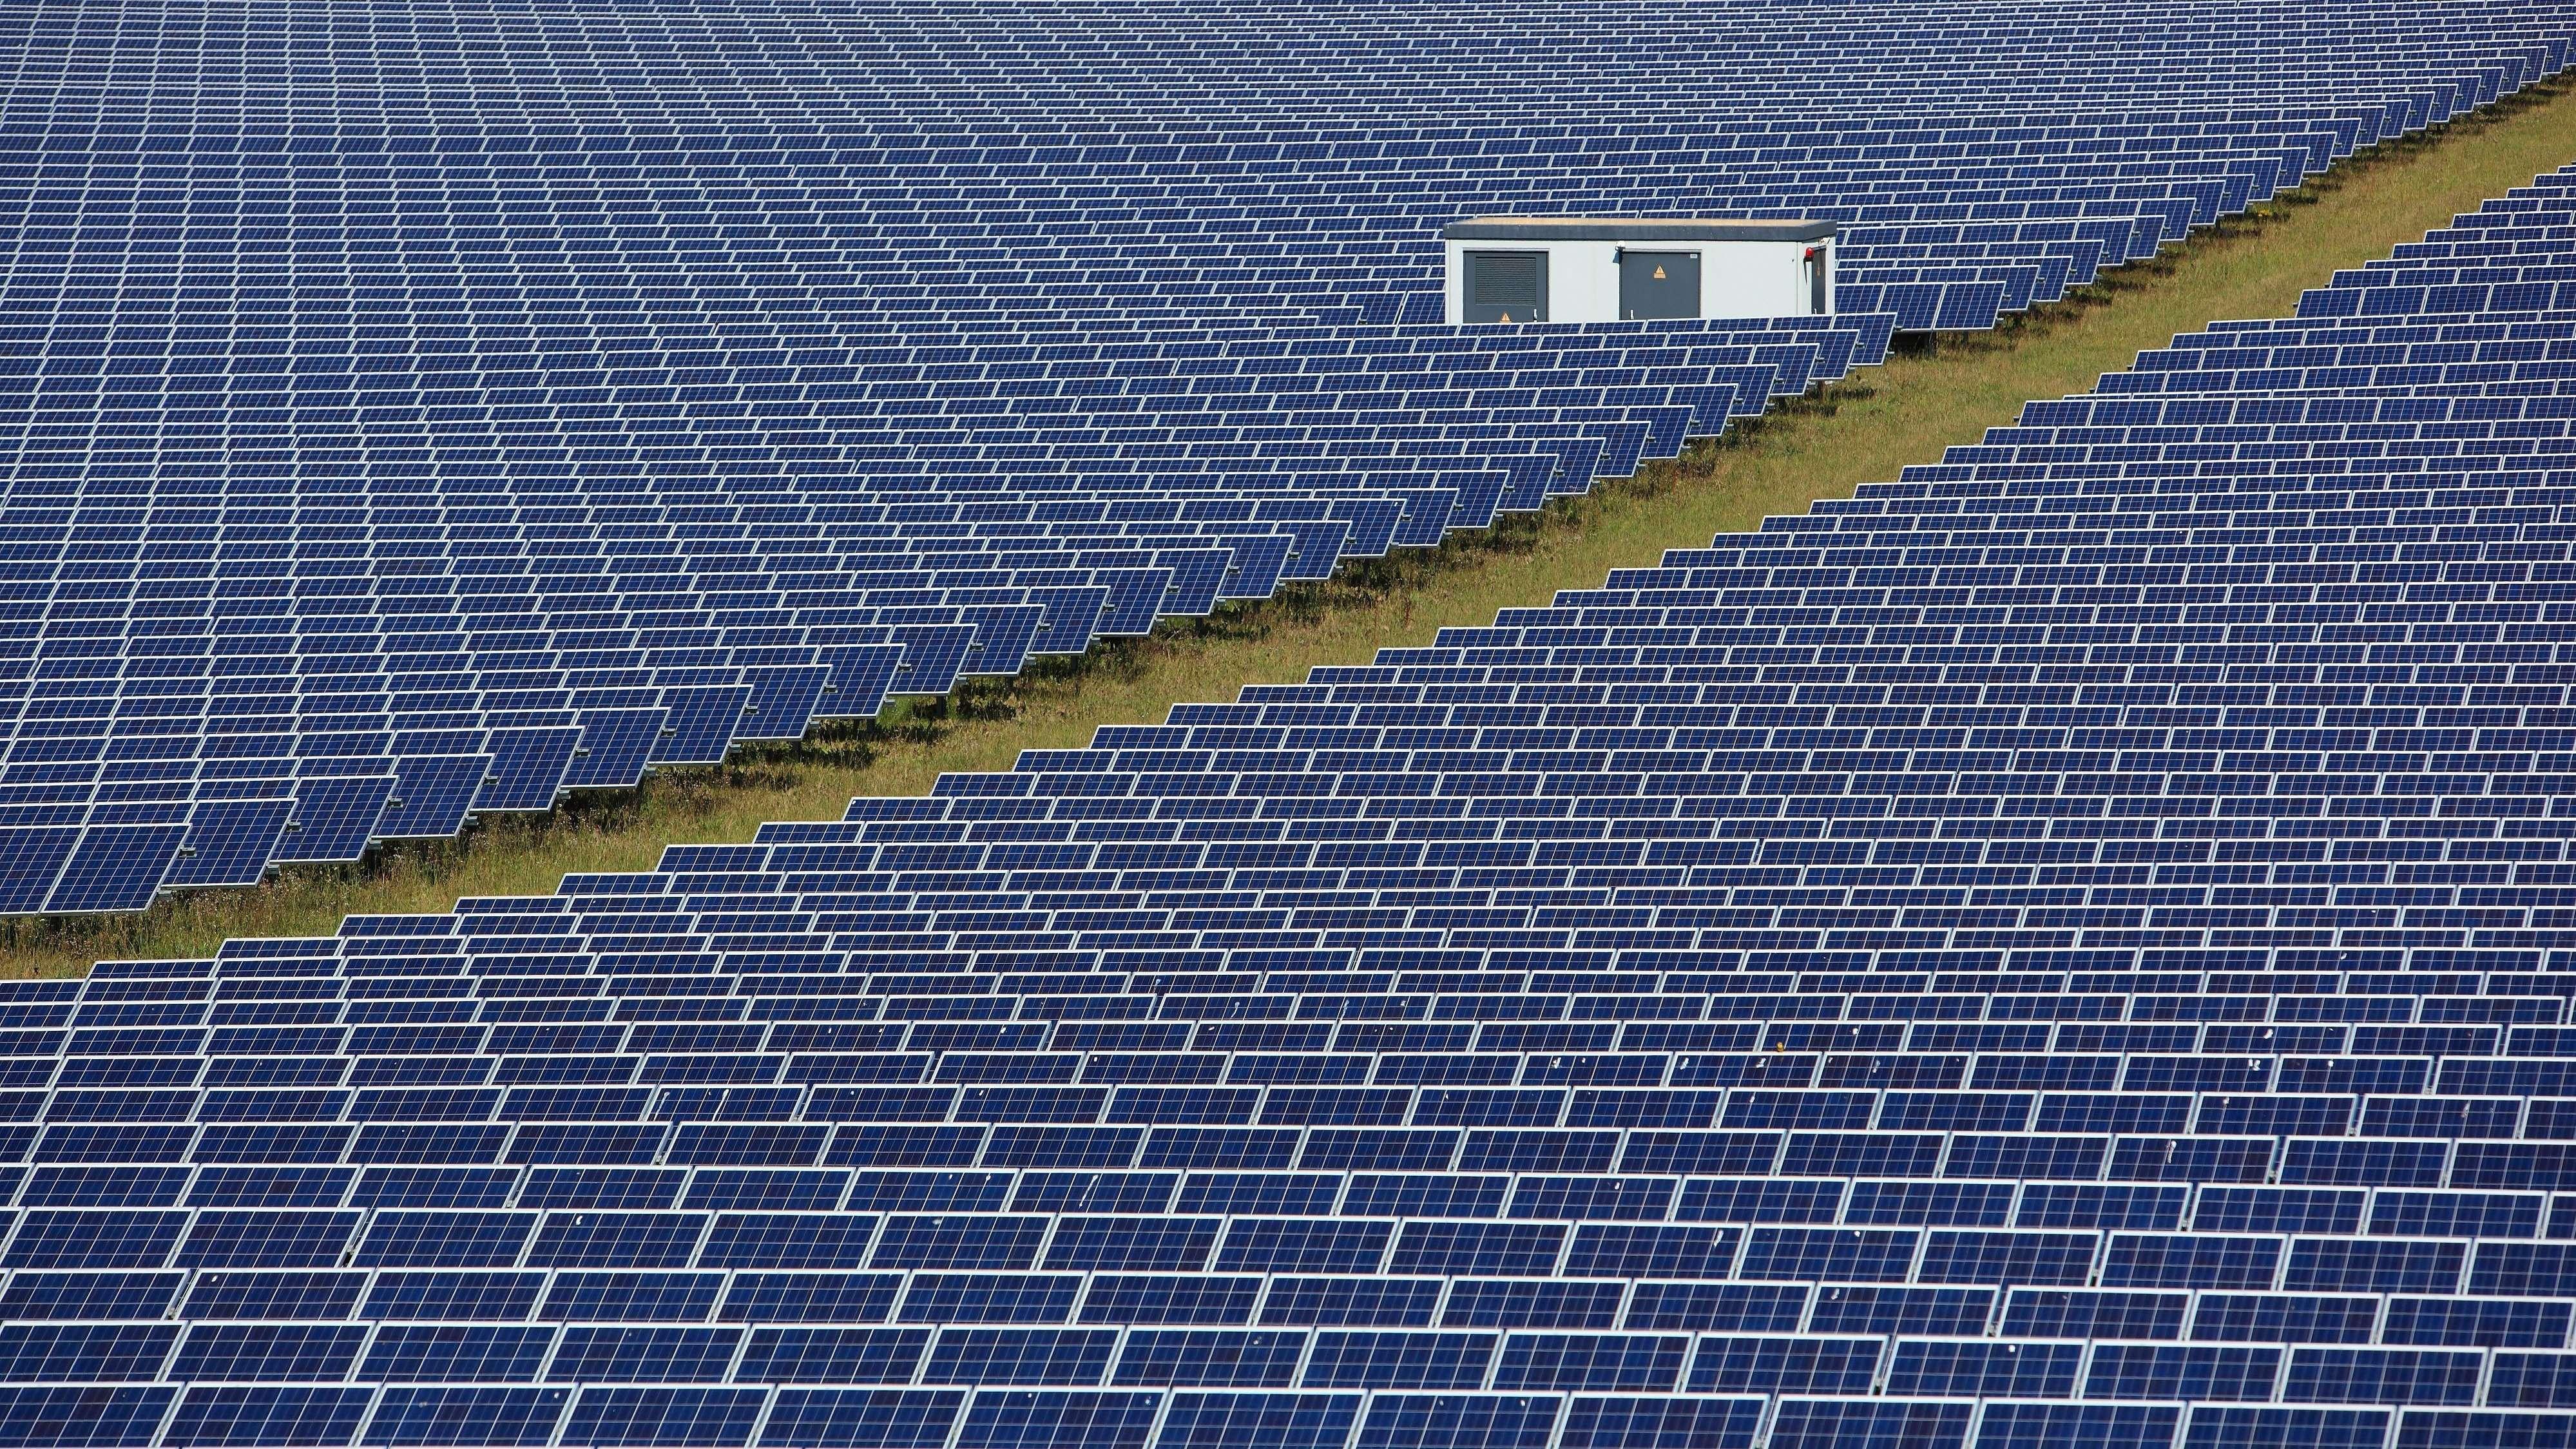 Solarpark im oberfränkischen Fesselsdorf